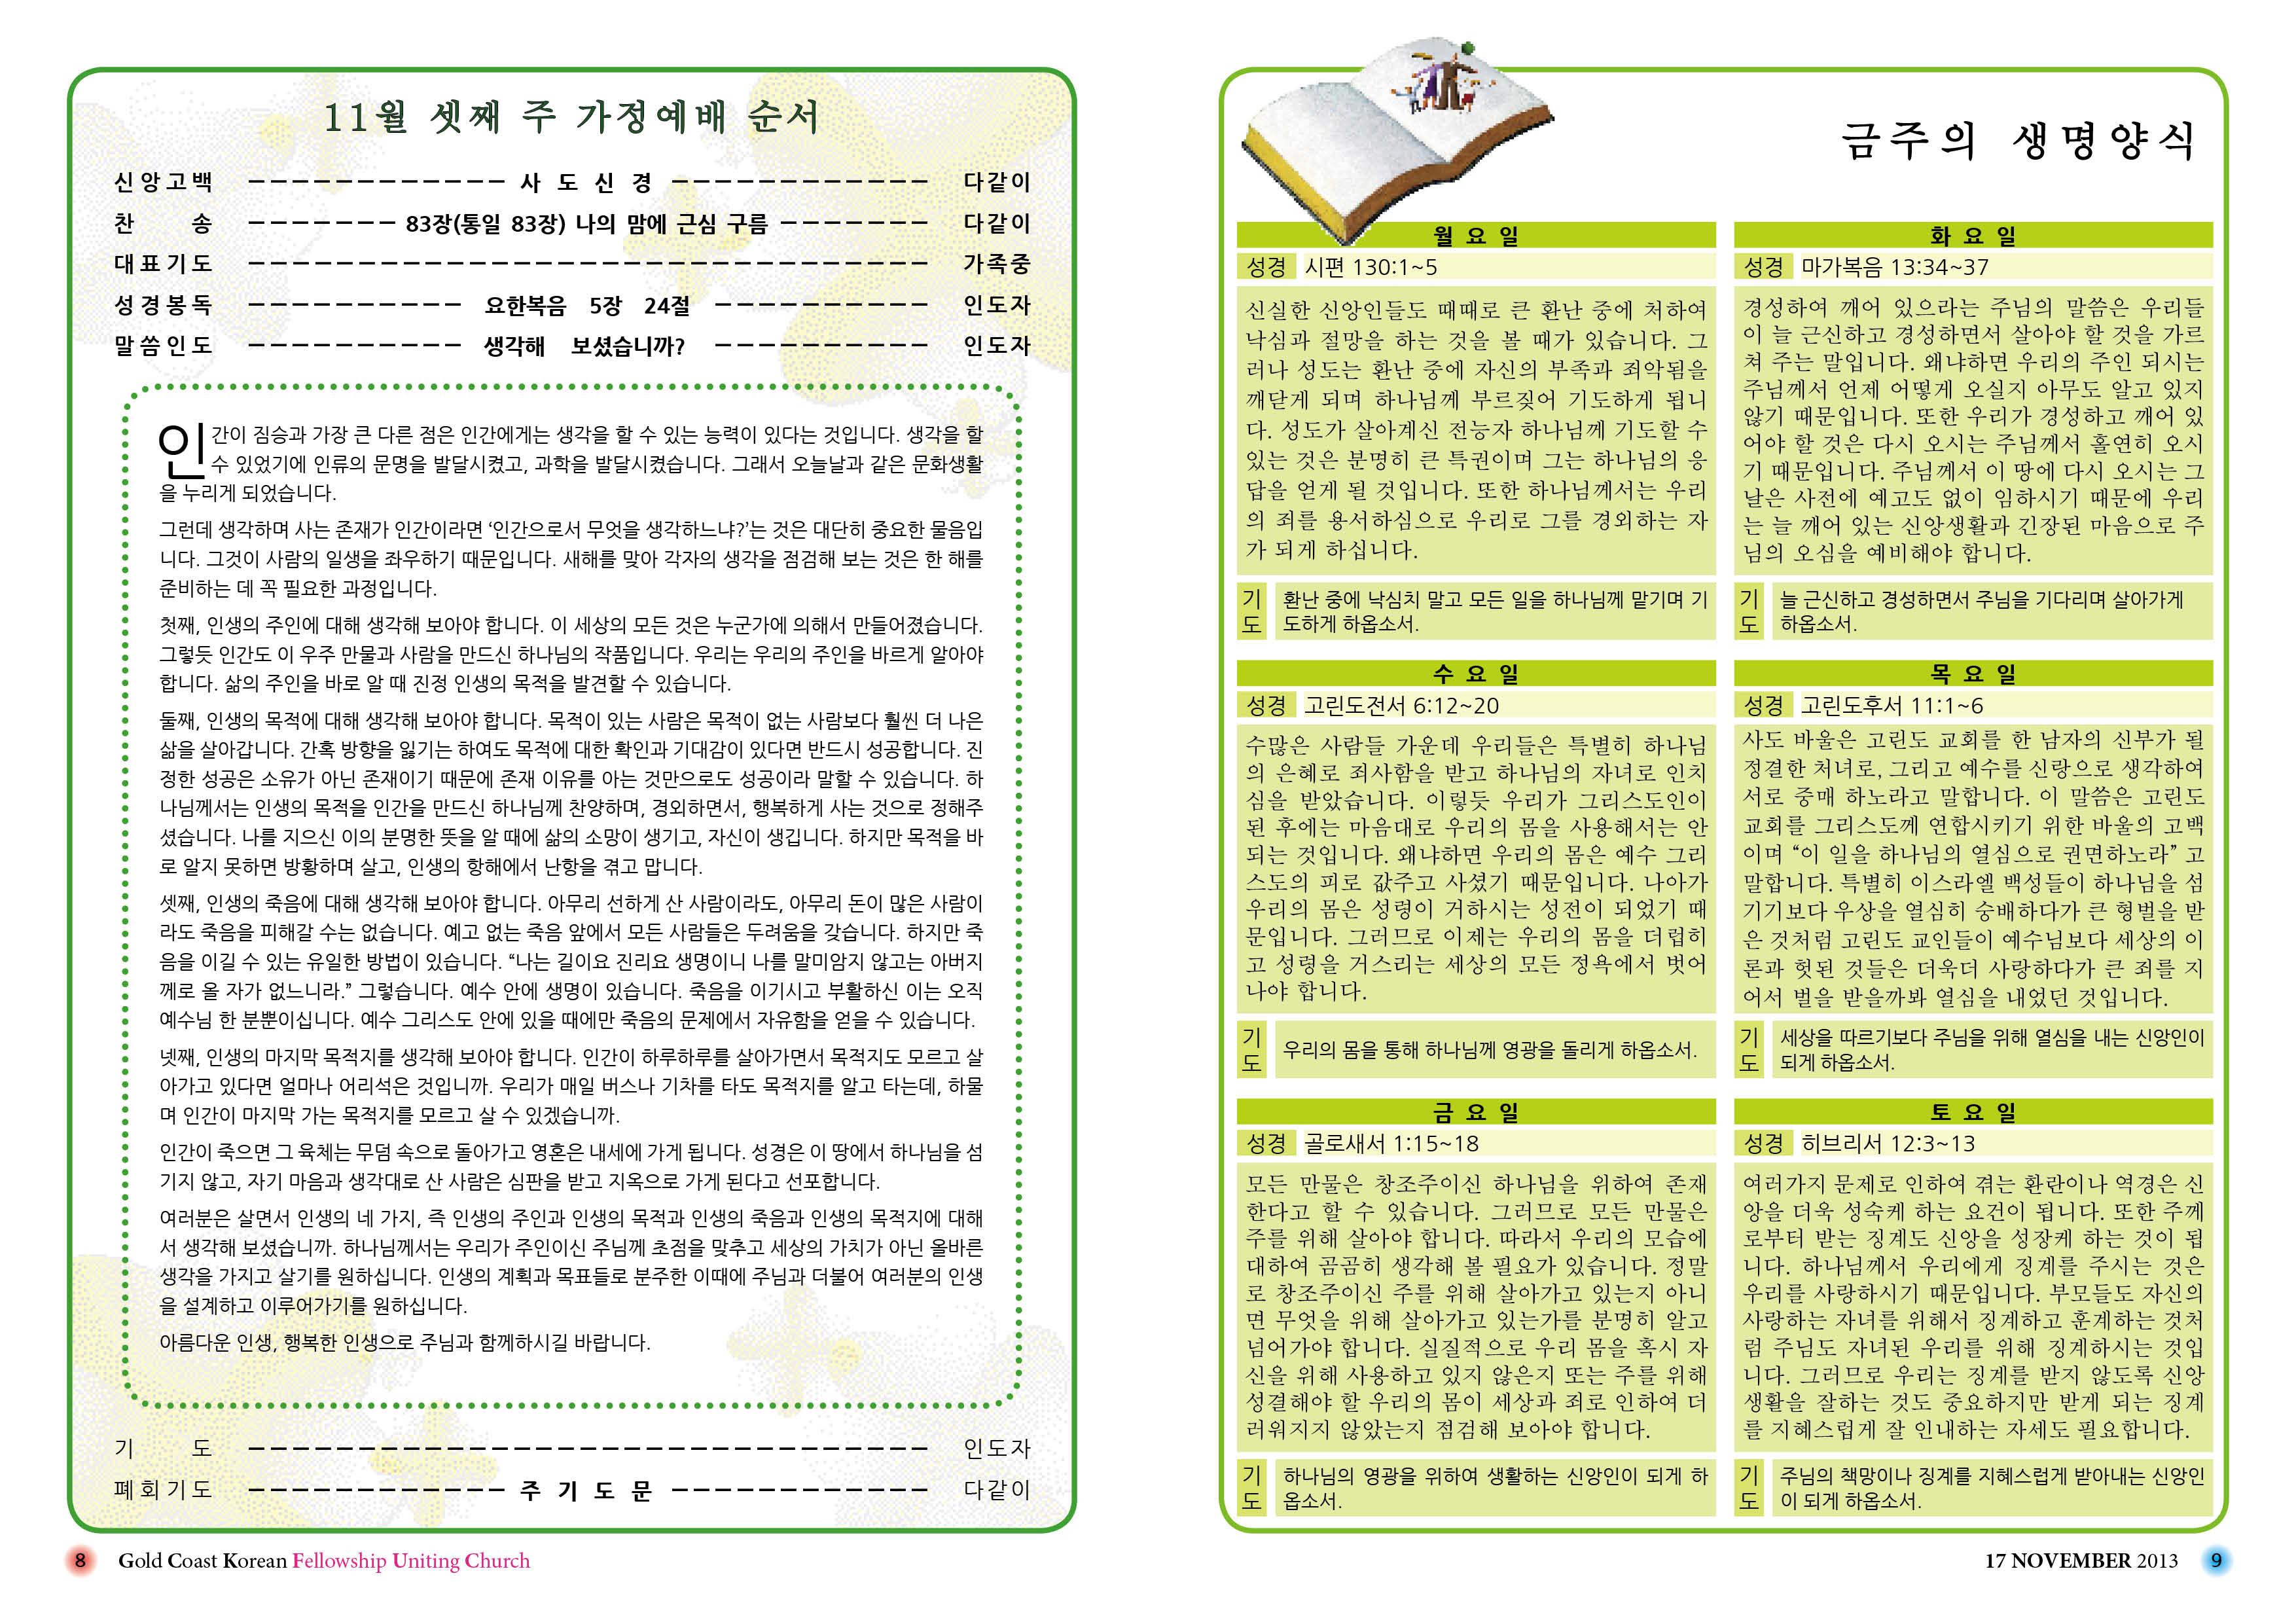 2013.11.17 주보(2차 수정)8.jpg